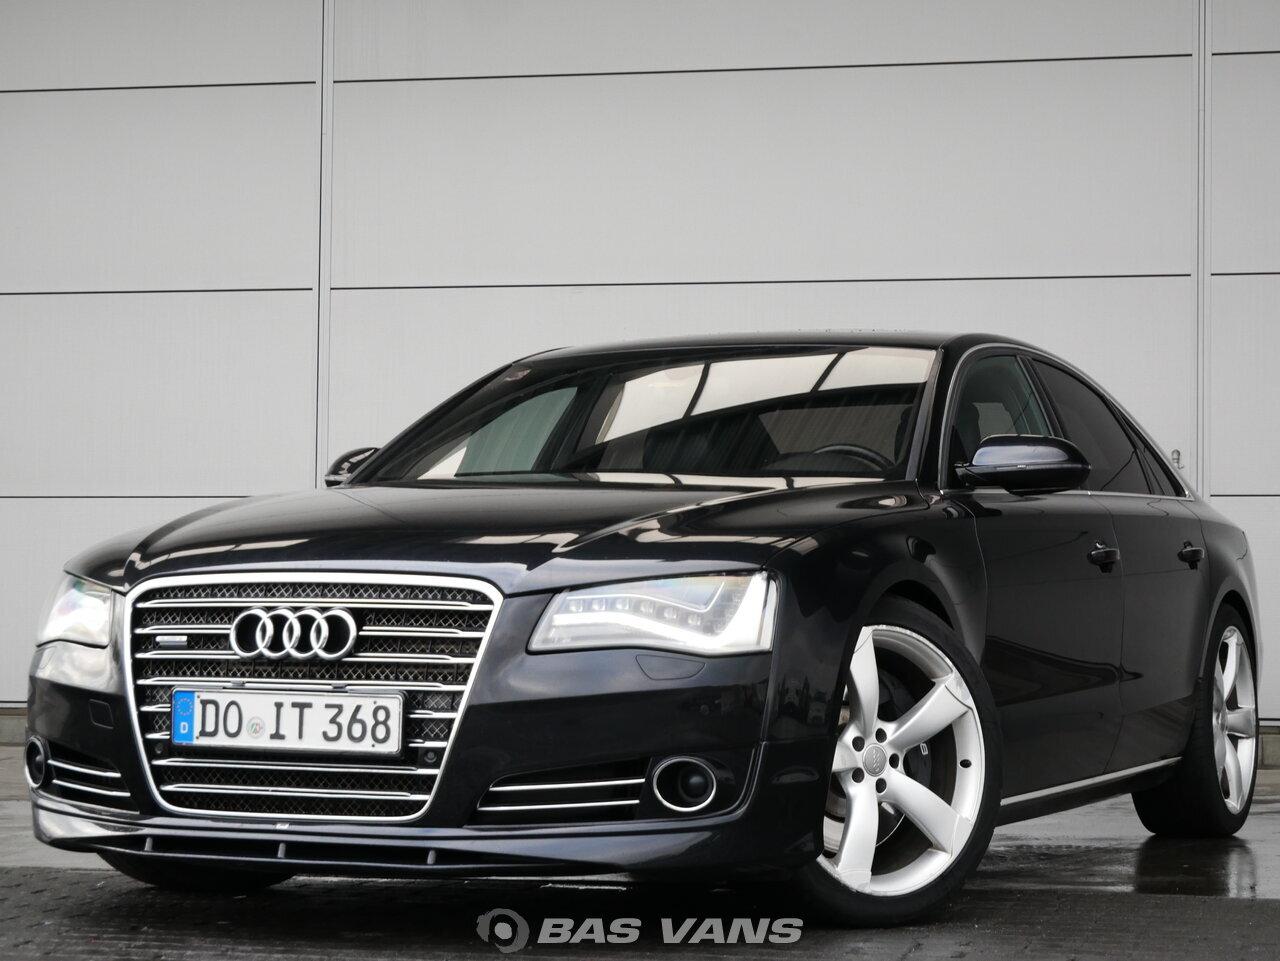 Kelebihan Kekurangan Audi A8 2012 Top Model Tahun Ini